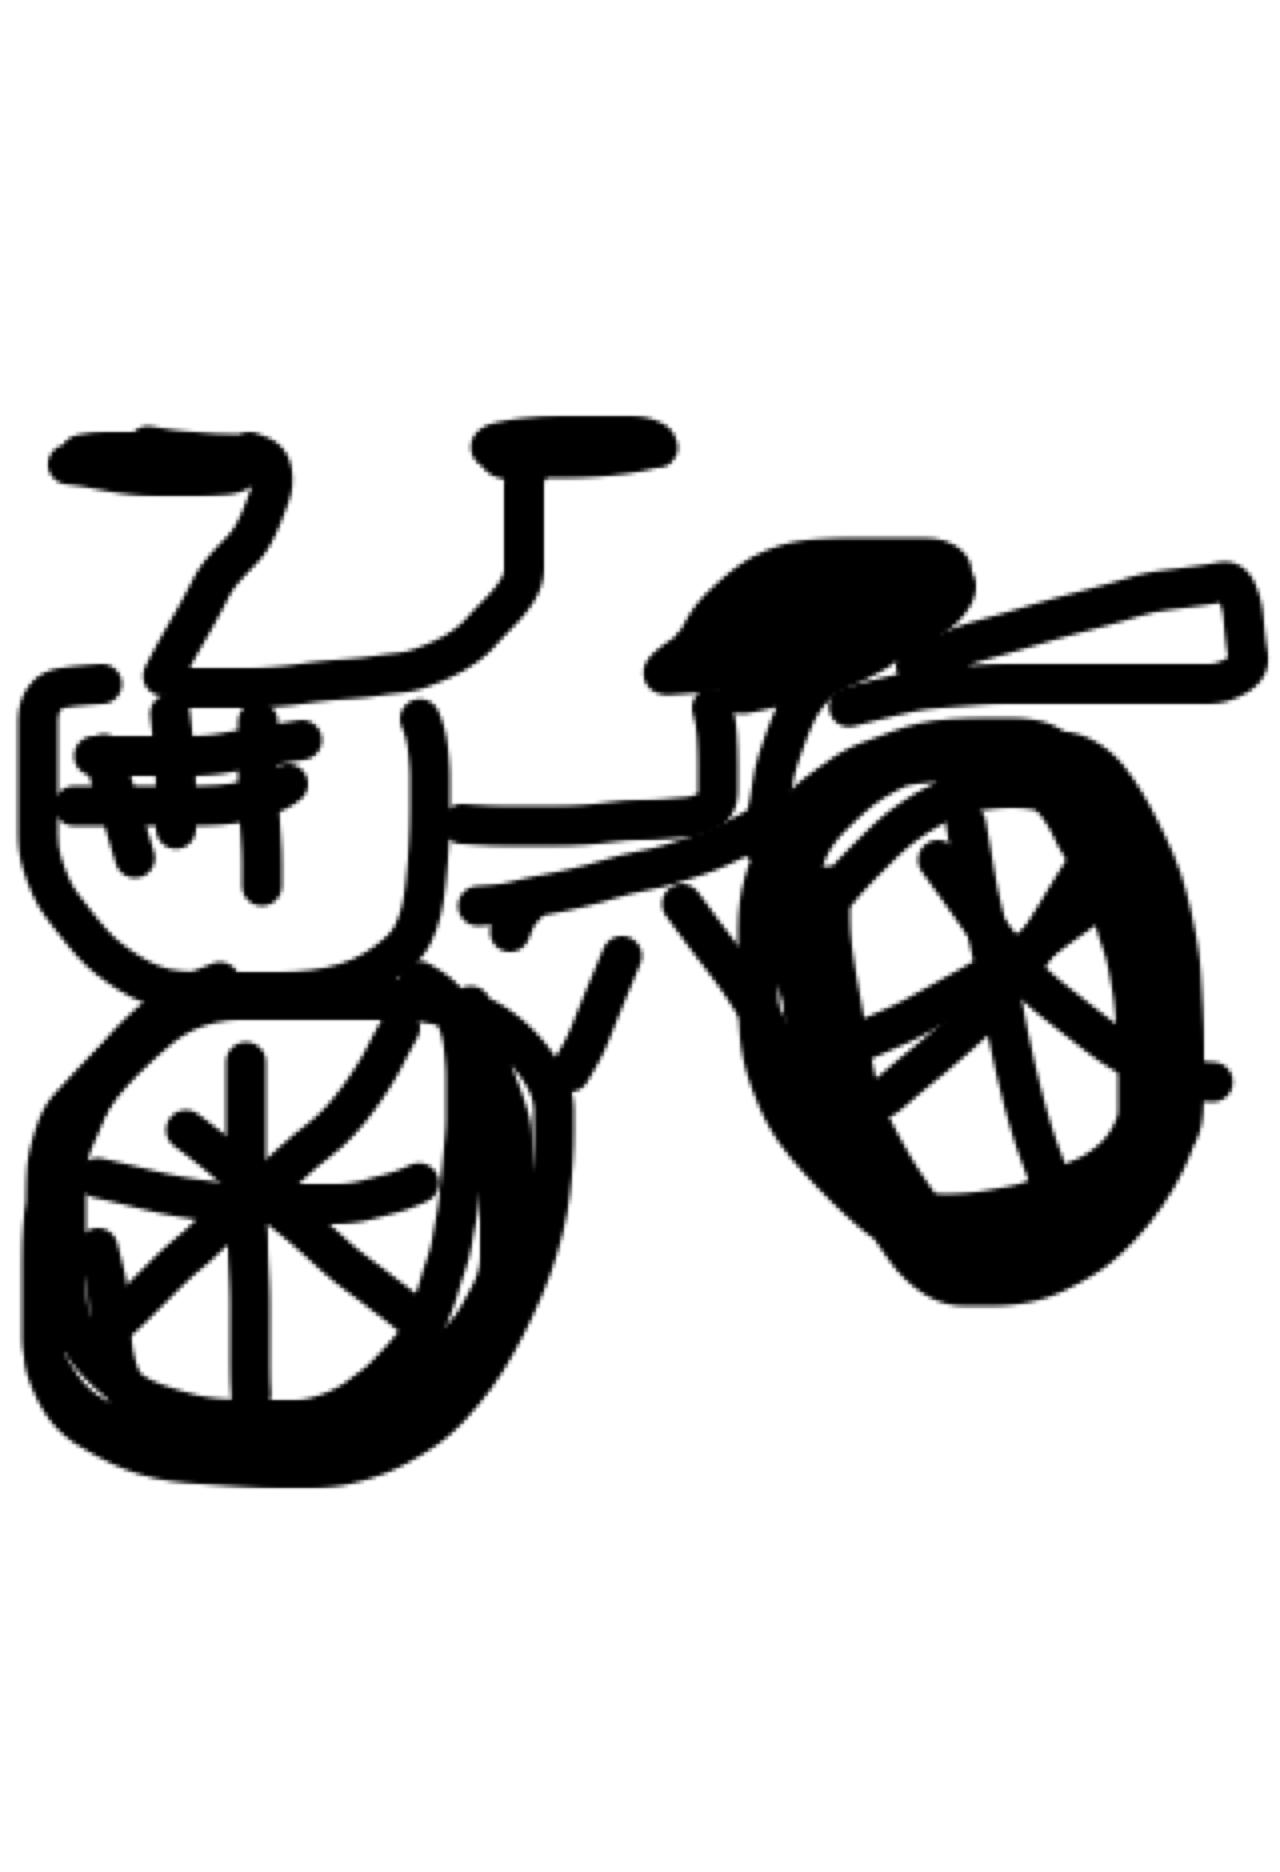 「自転車の絵かいて~」と言われたらどんな絵かきますか?part2